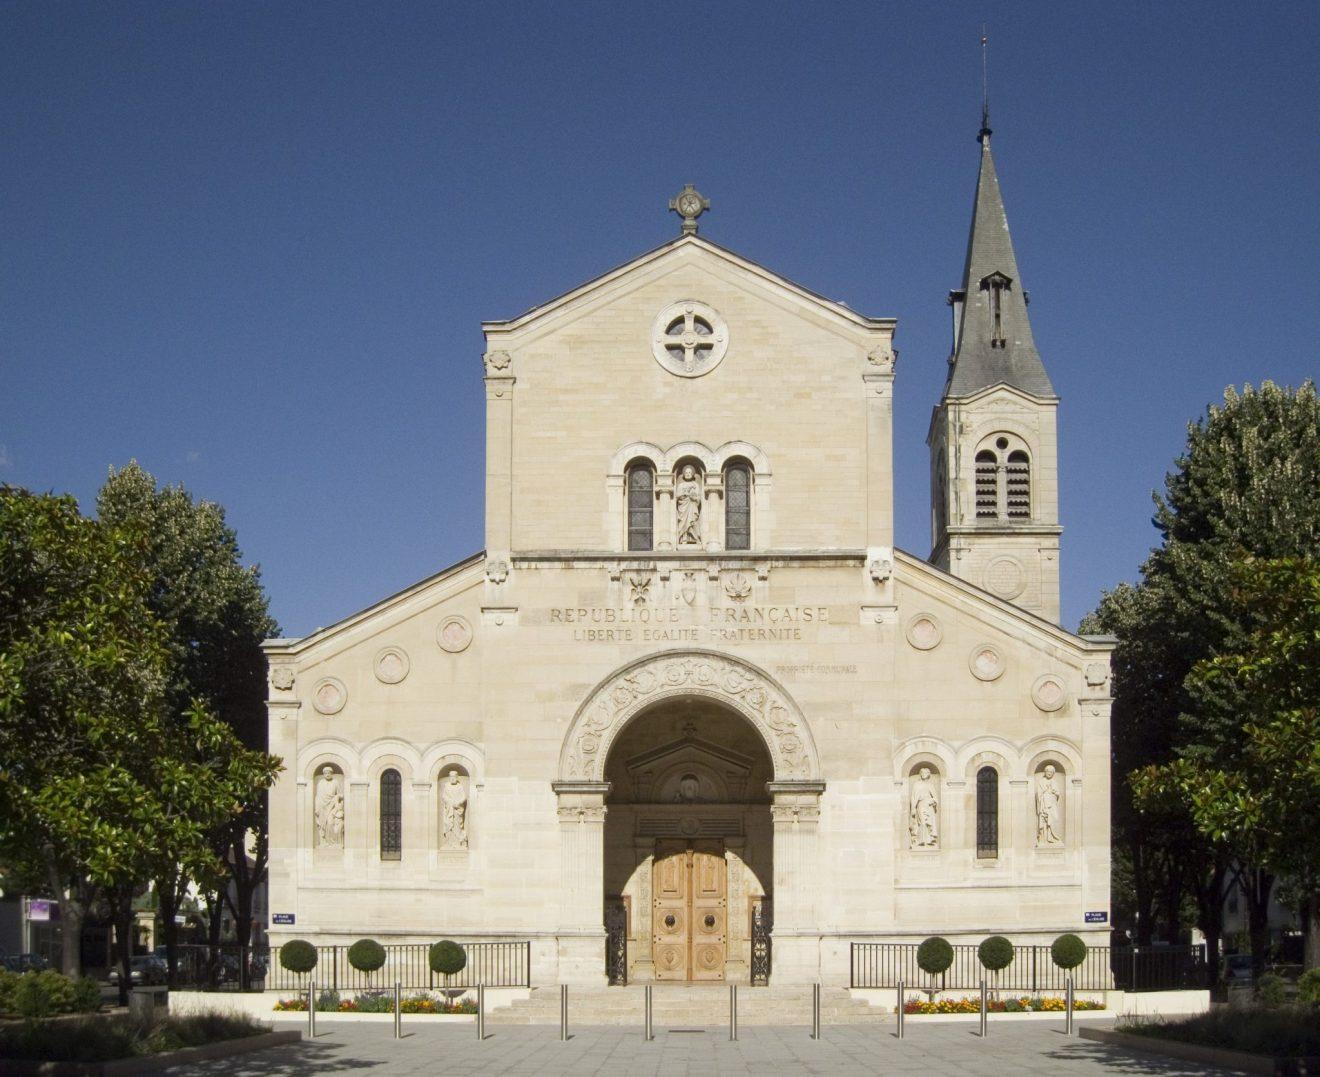 Église_Saint-Pierre,_Charenton-le-Pont_-_Front